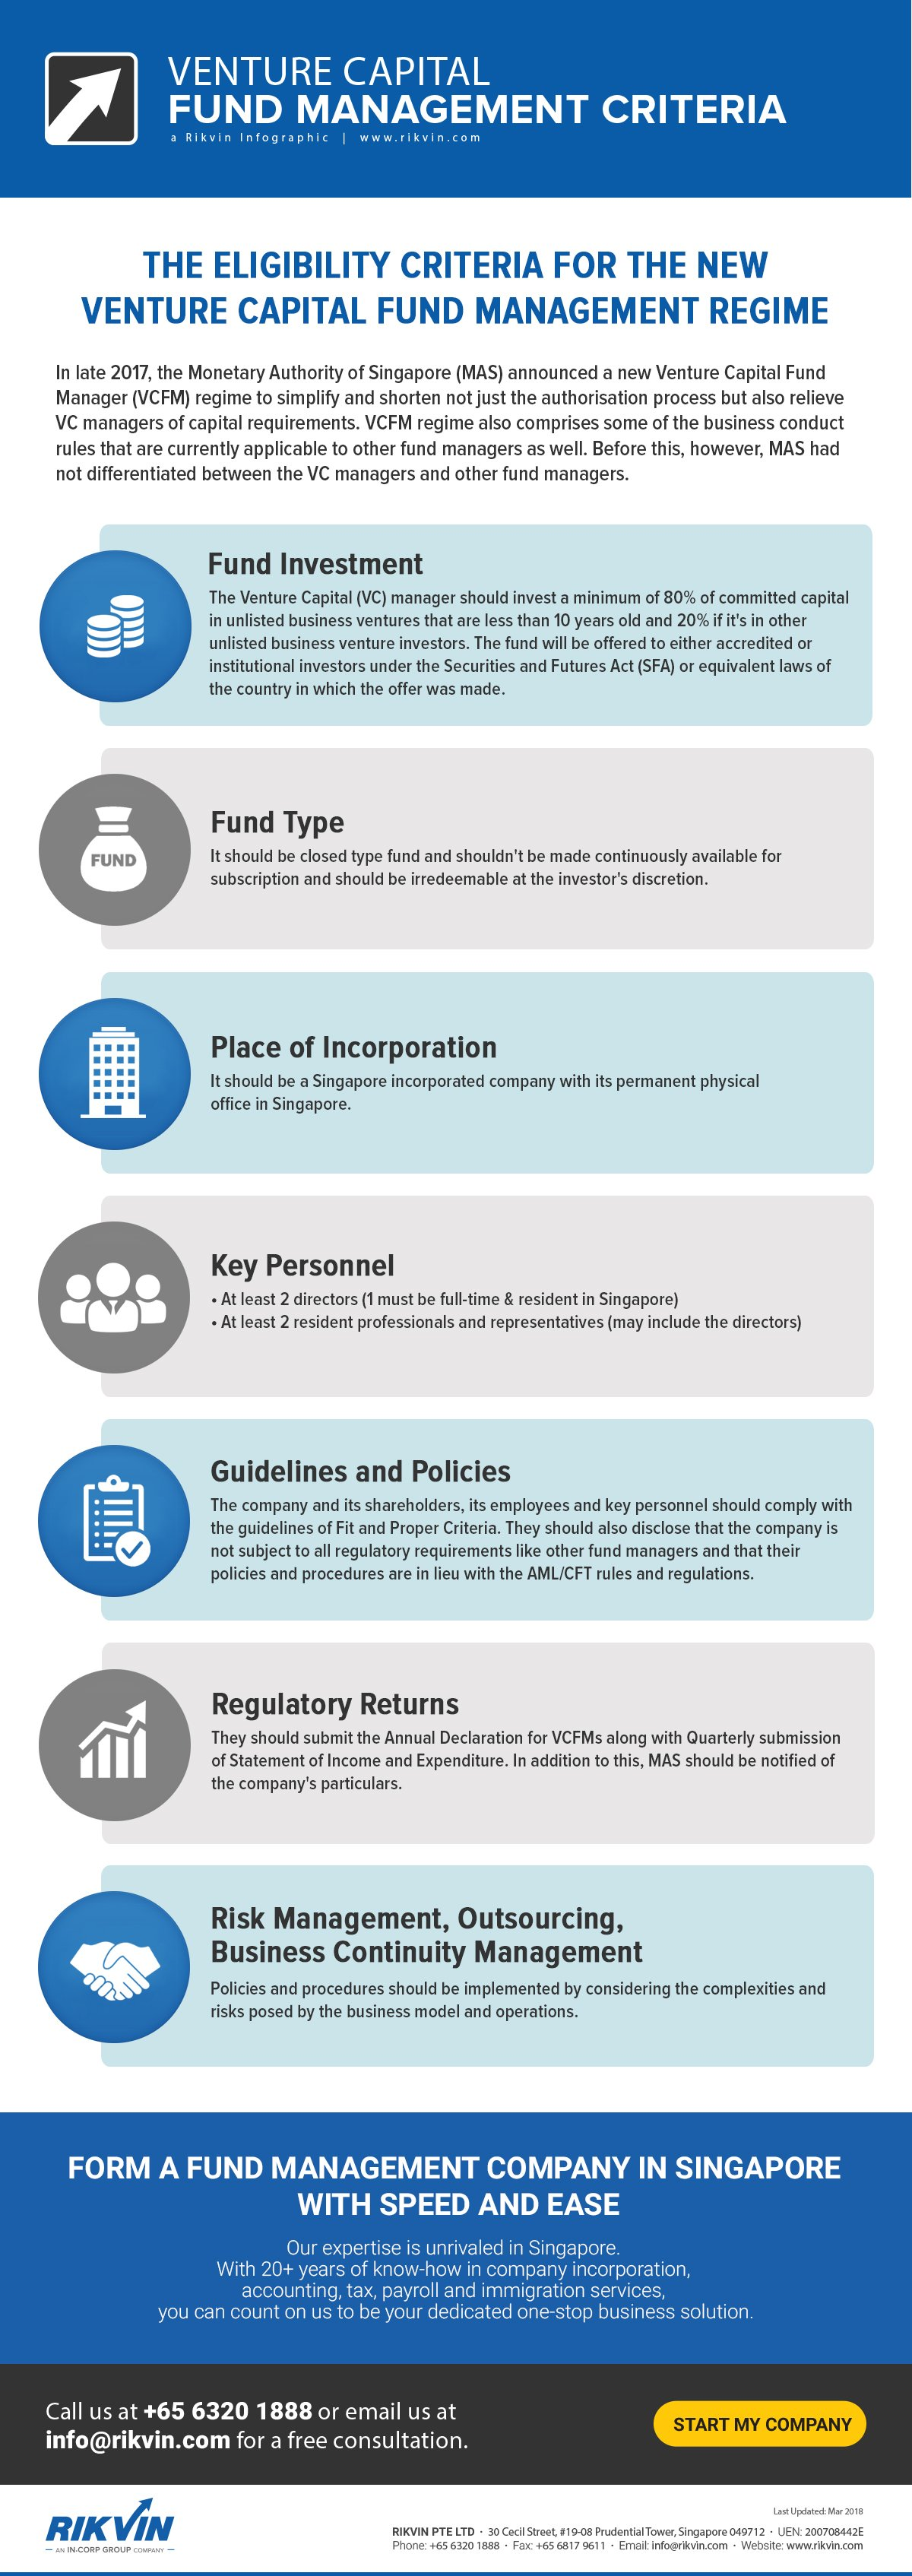 MAS reviews Venture Capital Fund Management eligibility criteria